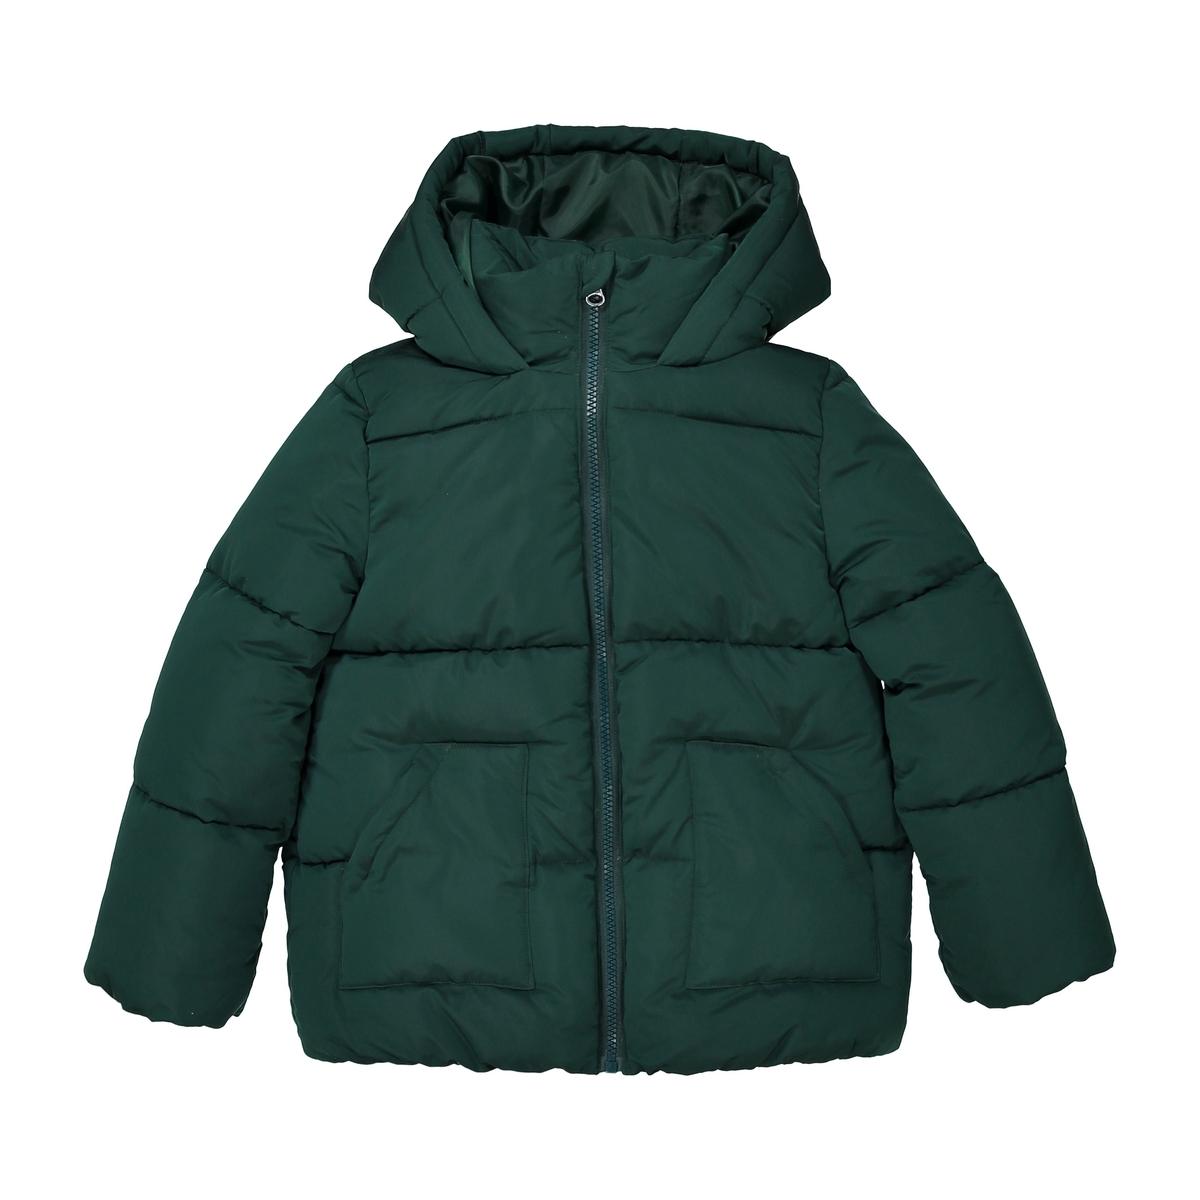 Куртка La Redoute Стеганая теплая длинная с капюшоном 3 года - 94 см зеленый